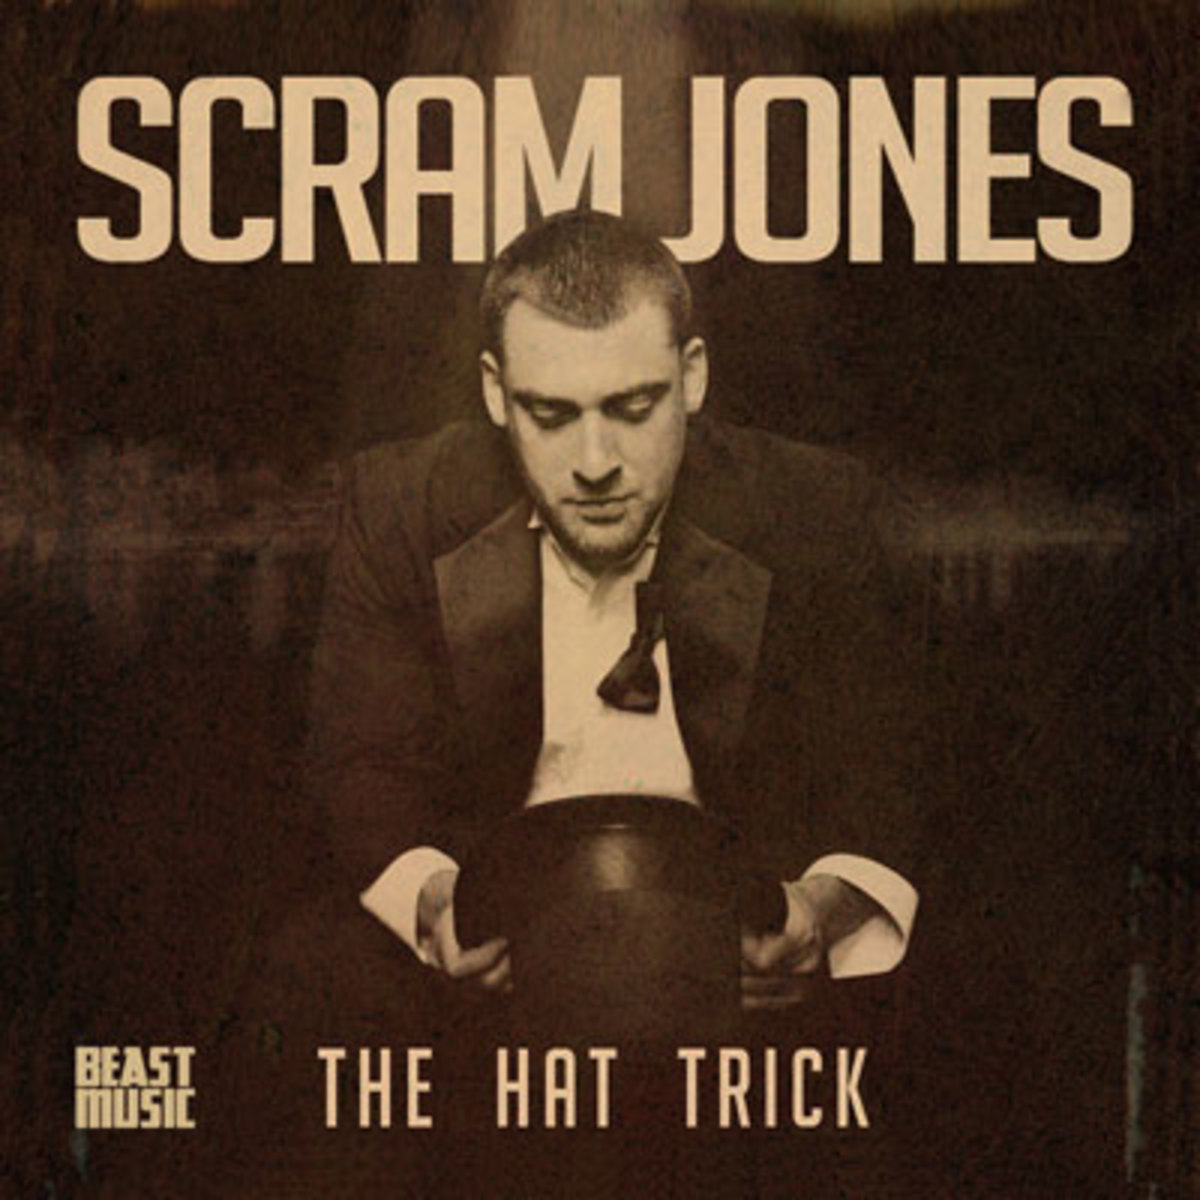 scramjones-hattrick.jpg